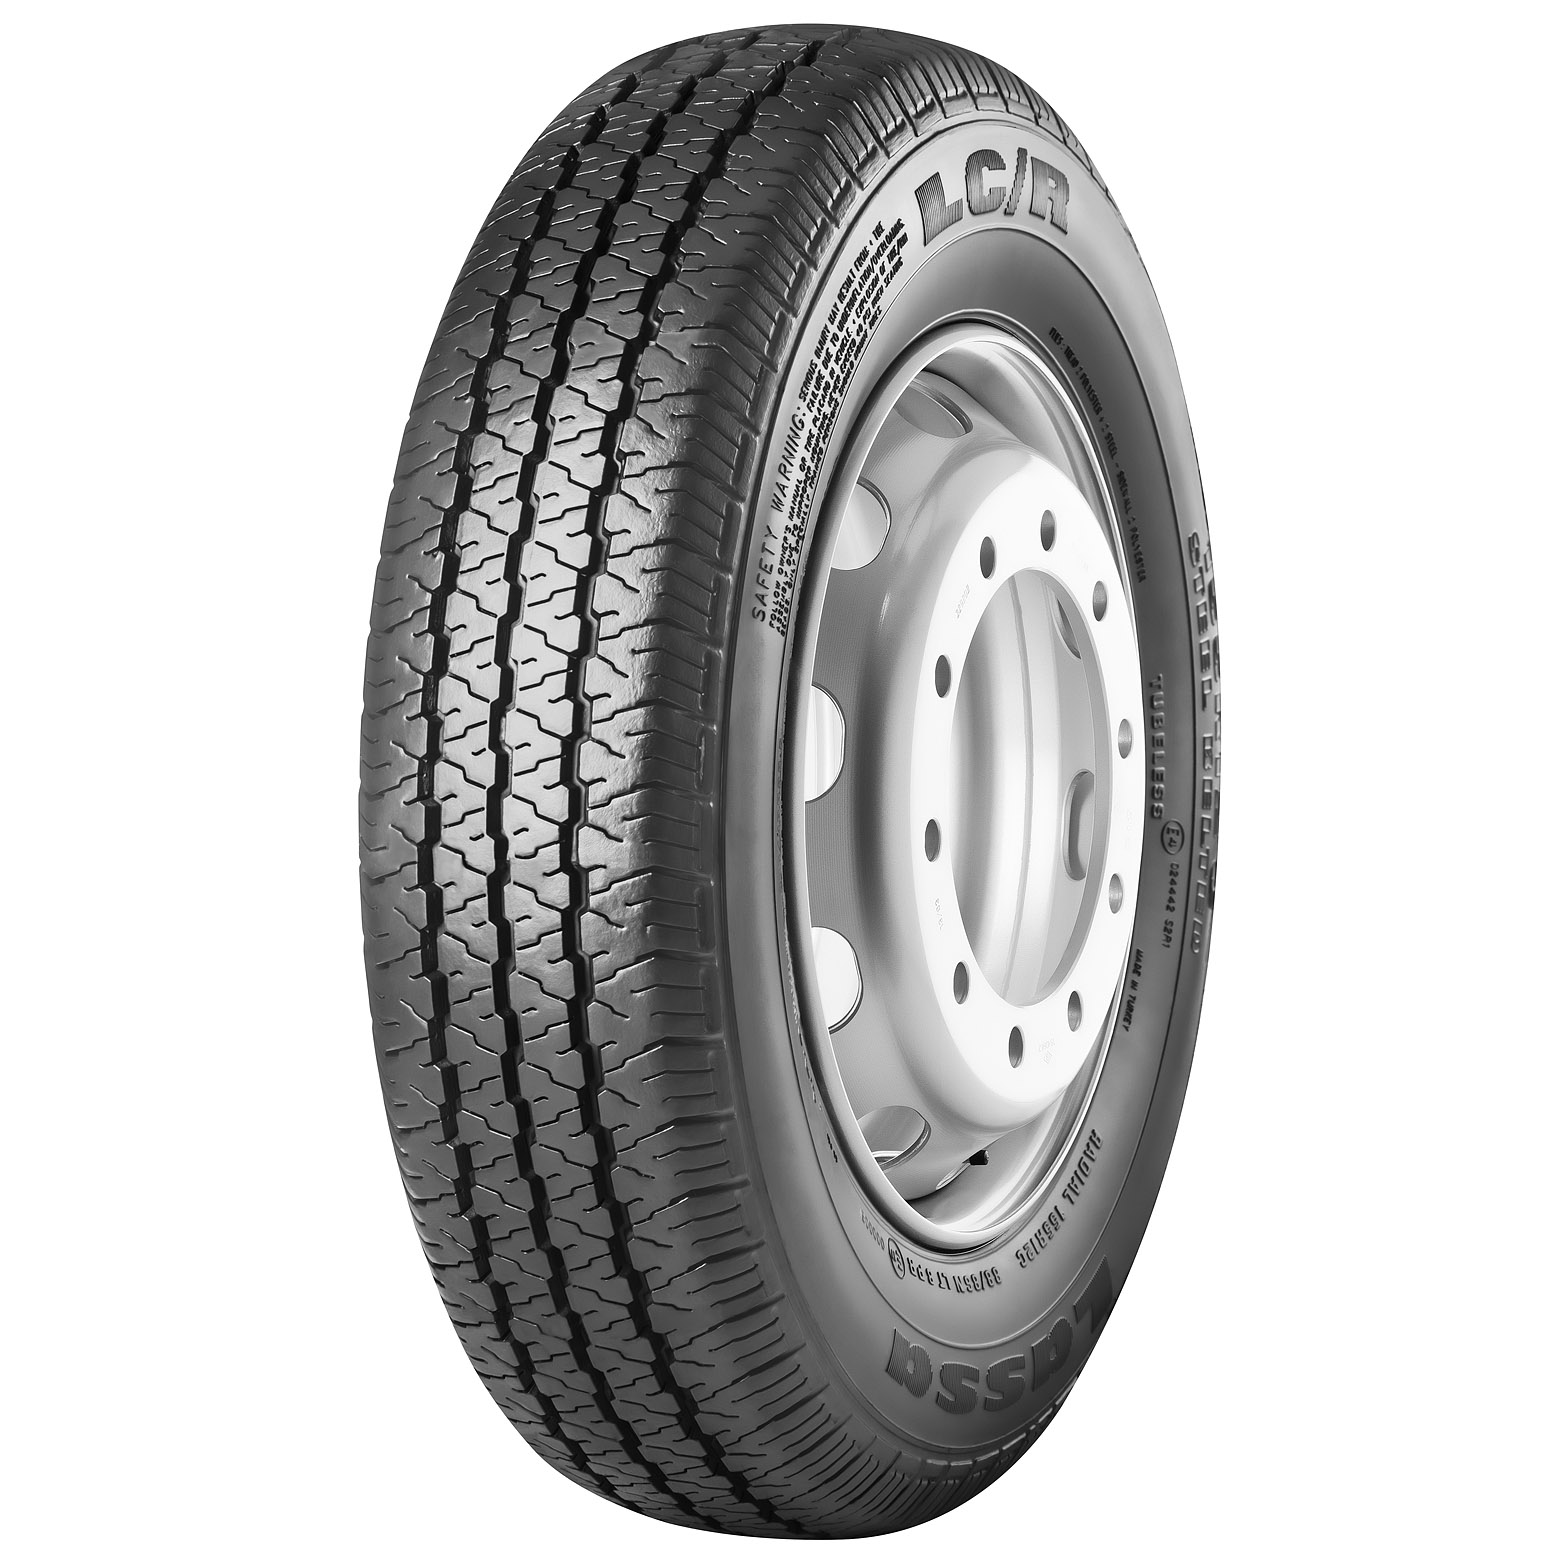 Neumático LASSA LC/R 165/80R13 91 P